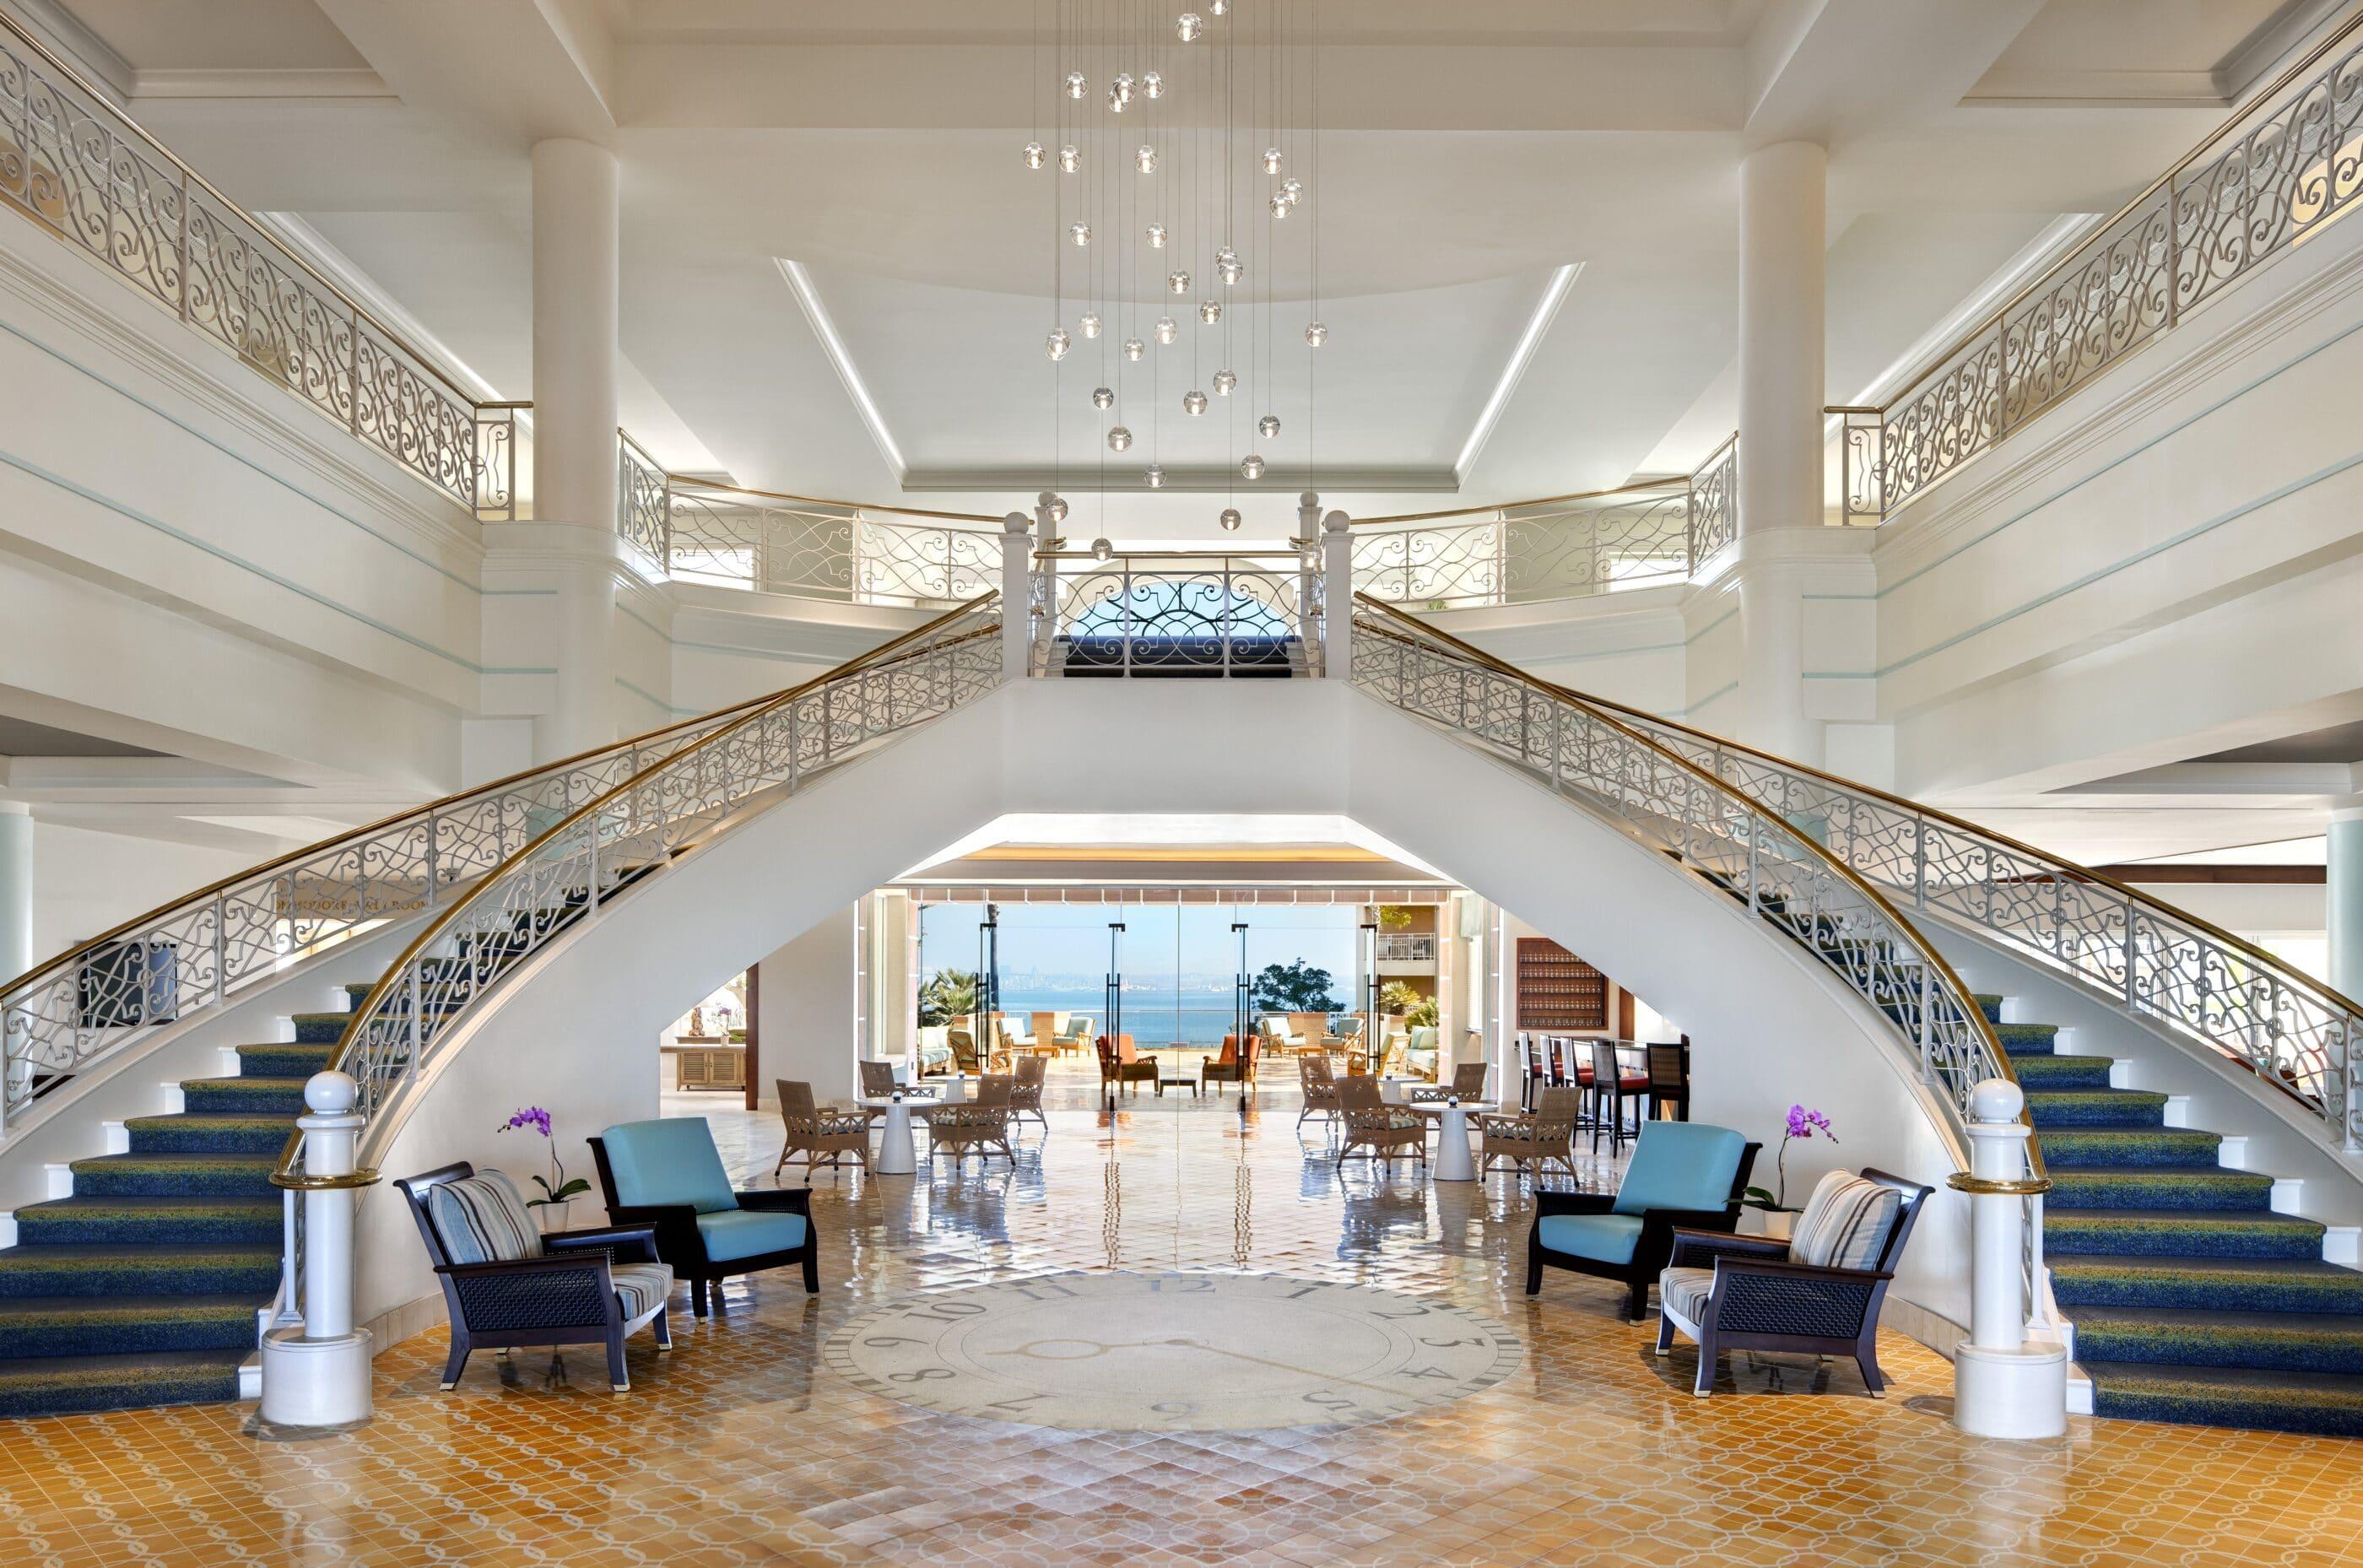 Loews Coronado Bay Resort in San Diego